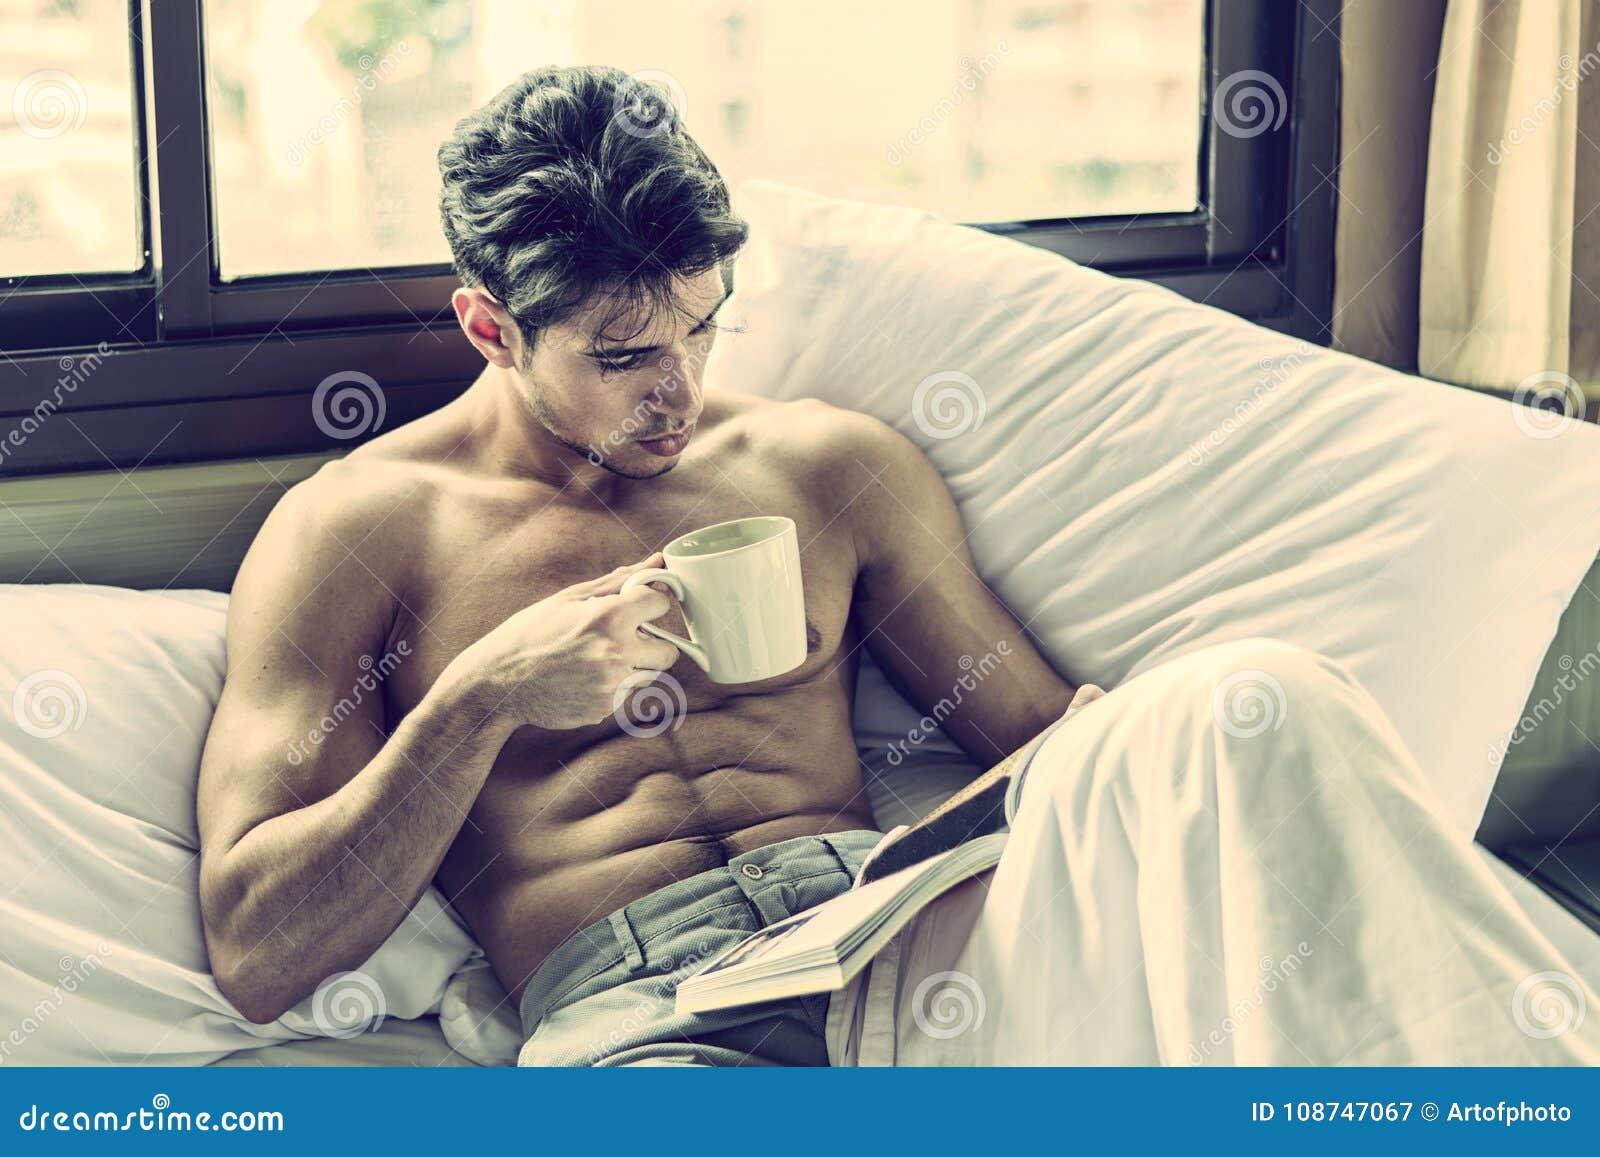 Ung man som är shirtless på hans säng med en kaffe- eller tekopp